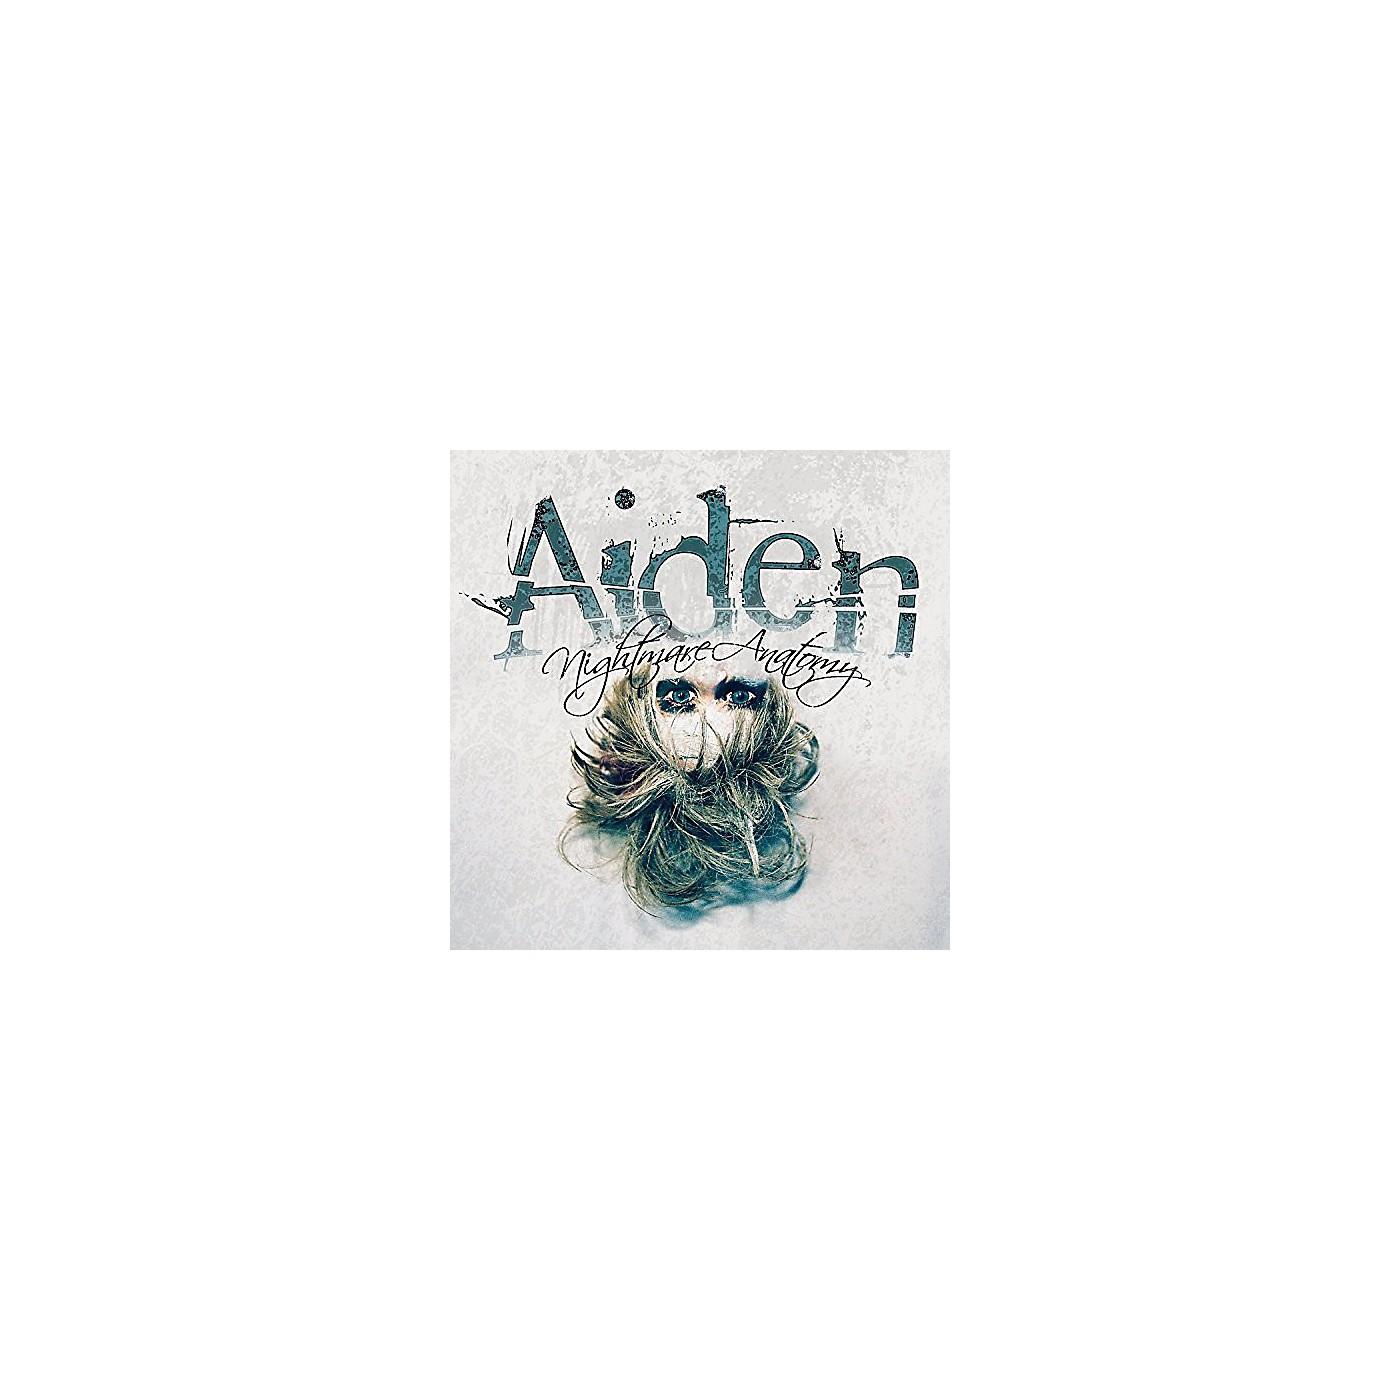 Alliance Aiden - Nightmare Anatomy thumbnail